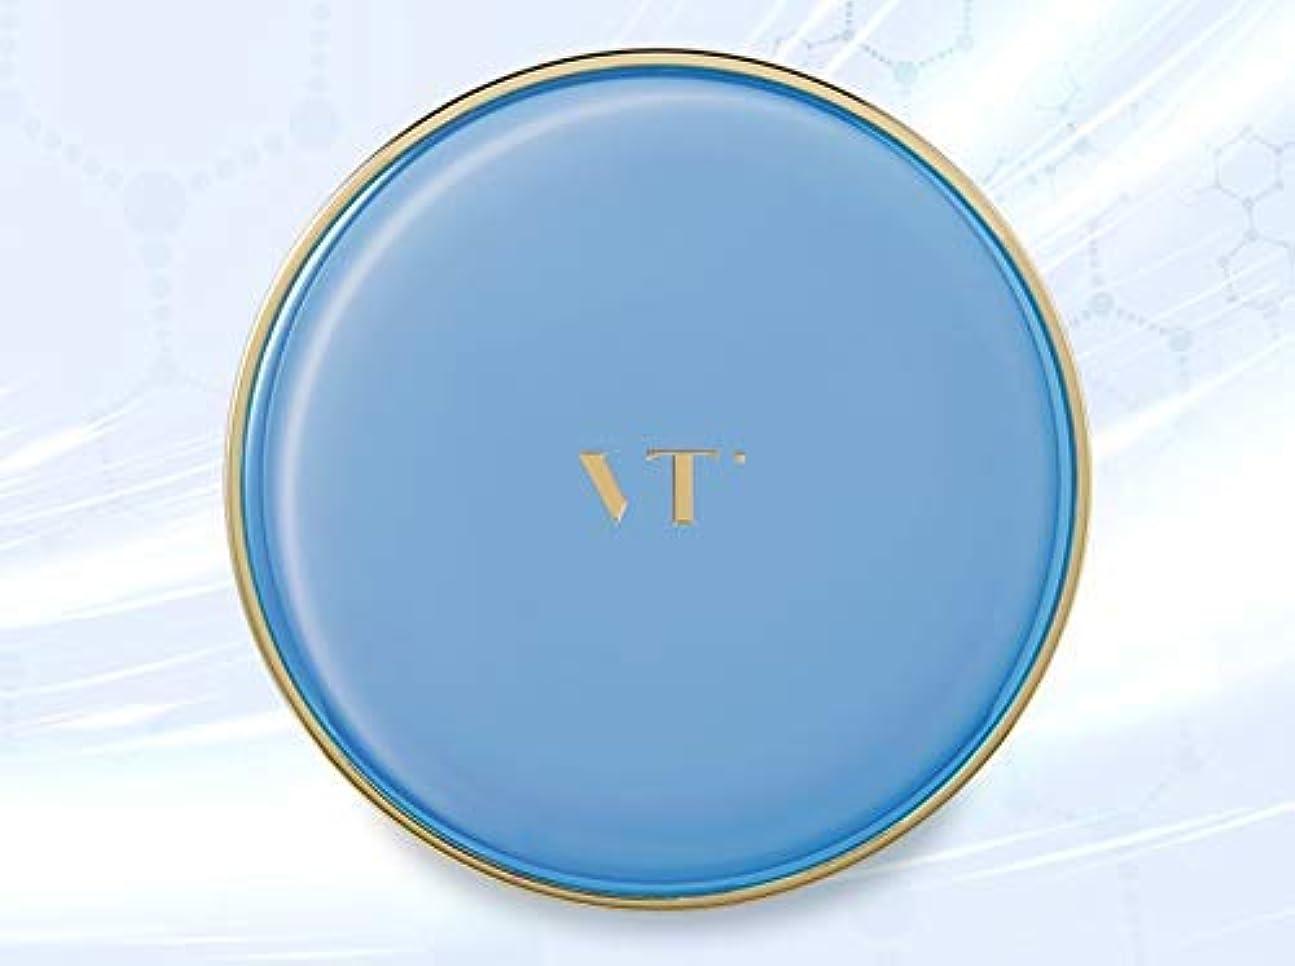 描写鑑定名誉あるVT ブルービタコラーゲンファクト SPF50+ PA+++ 11g 23号 / VT BLUE VITA COLLAGEN PACT 0.38 OZ [並行輸入品]